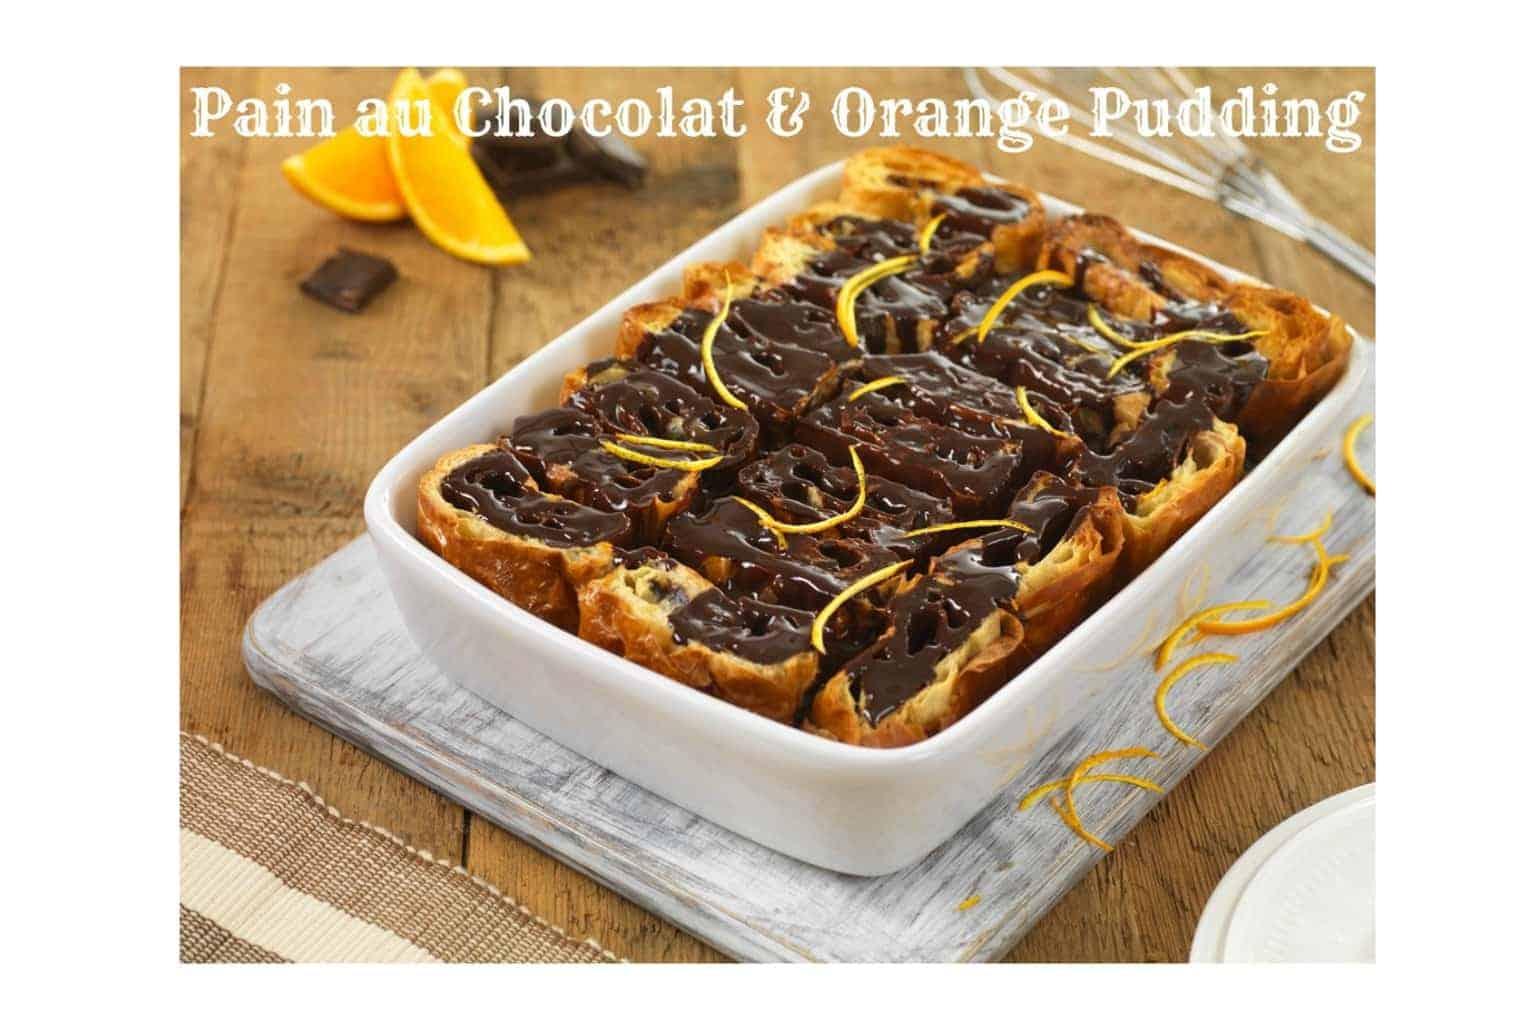 Pain au Chocolat & Orange Pudding recipe